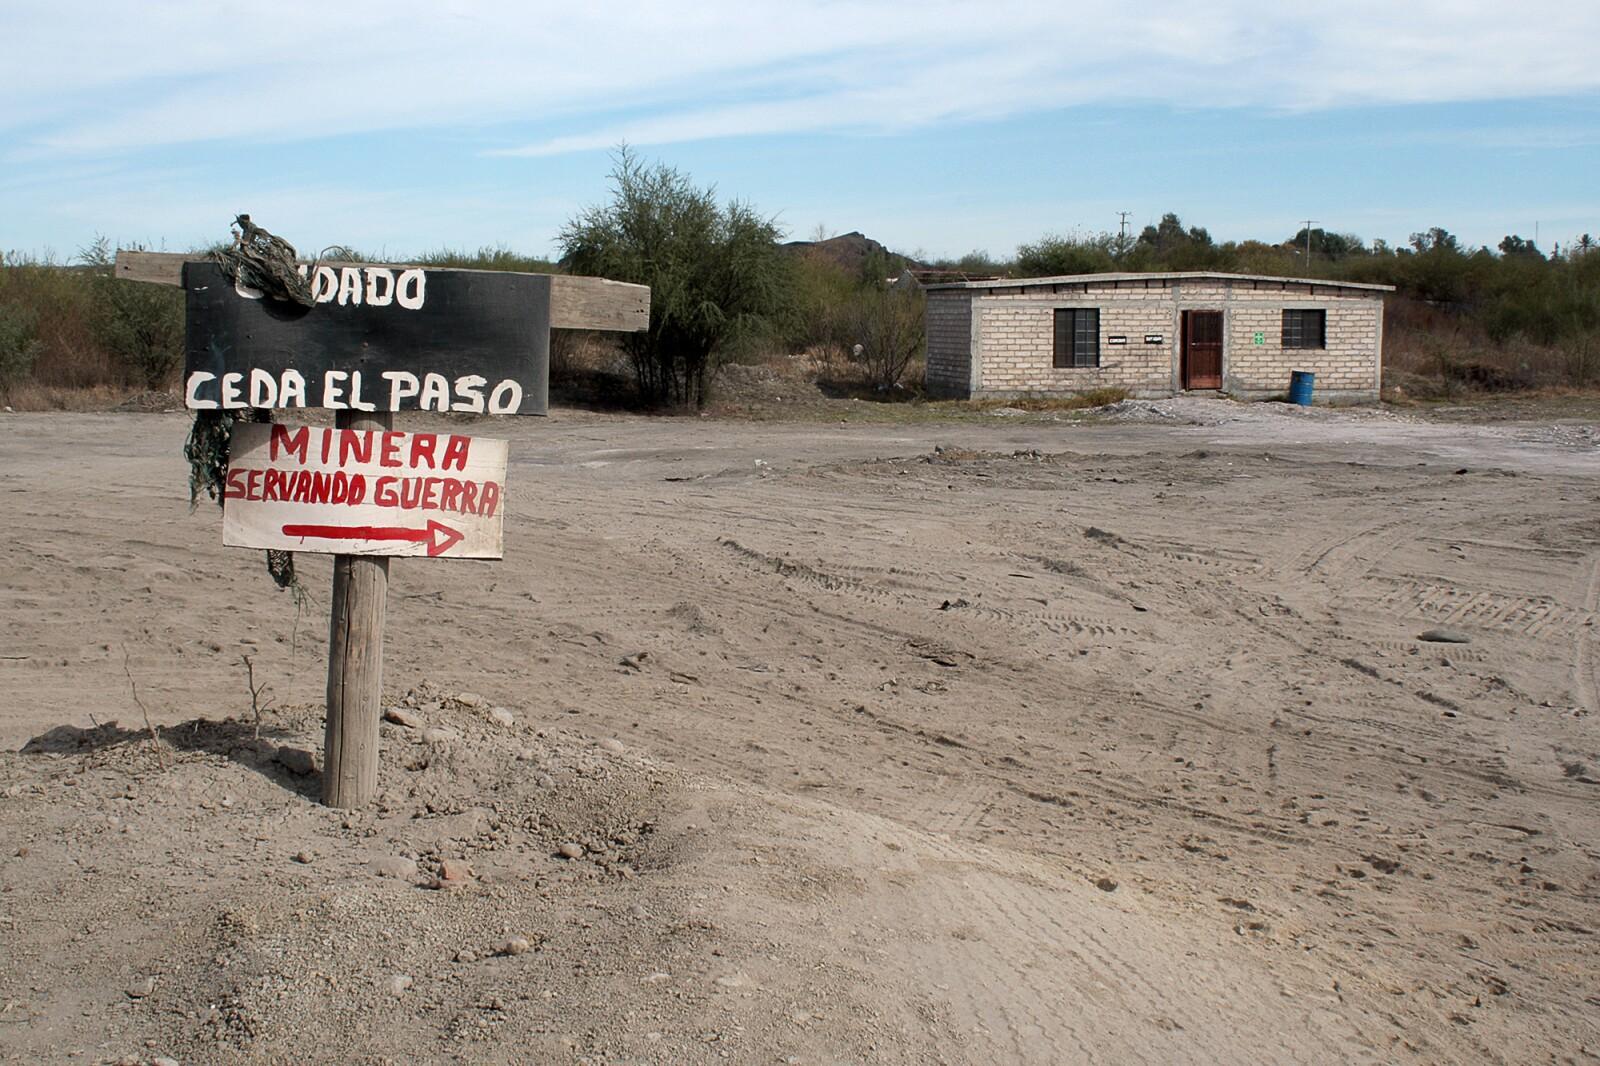 En las concesiones de Álvaro Jaime Arellano trabajan varias empresas, como la de Servando Guerra.